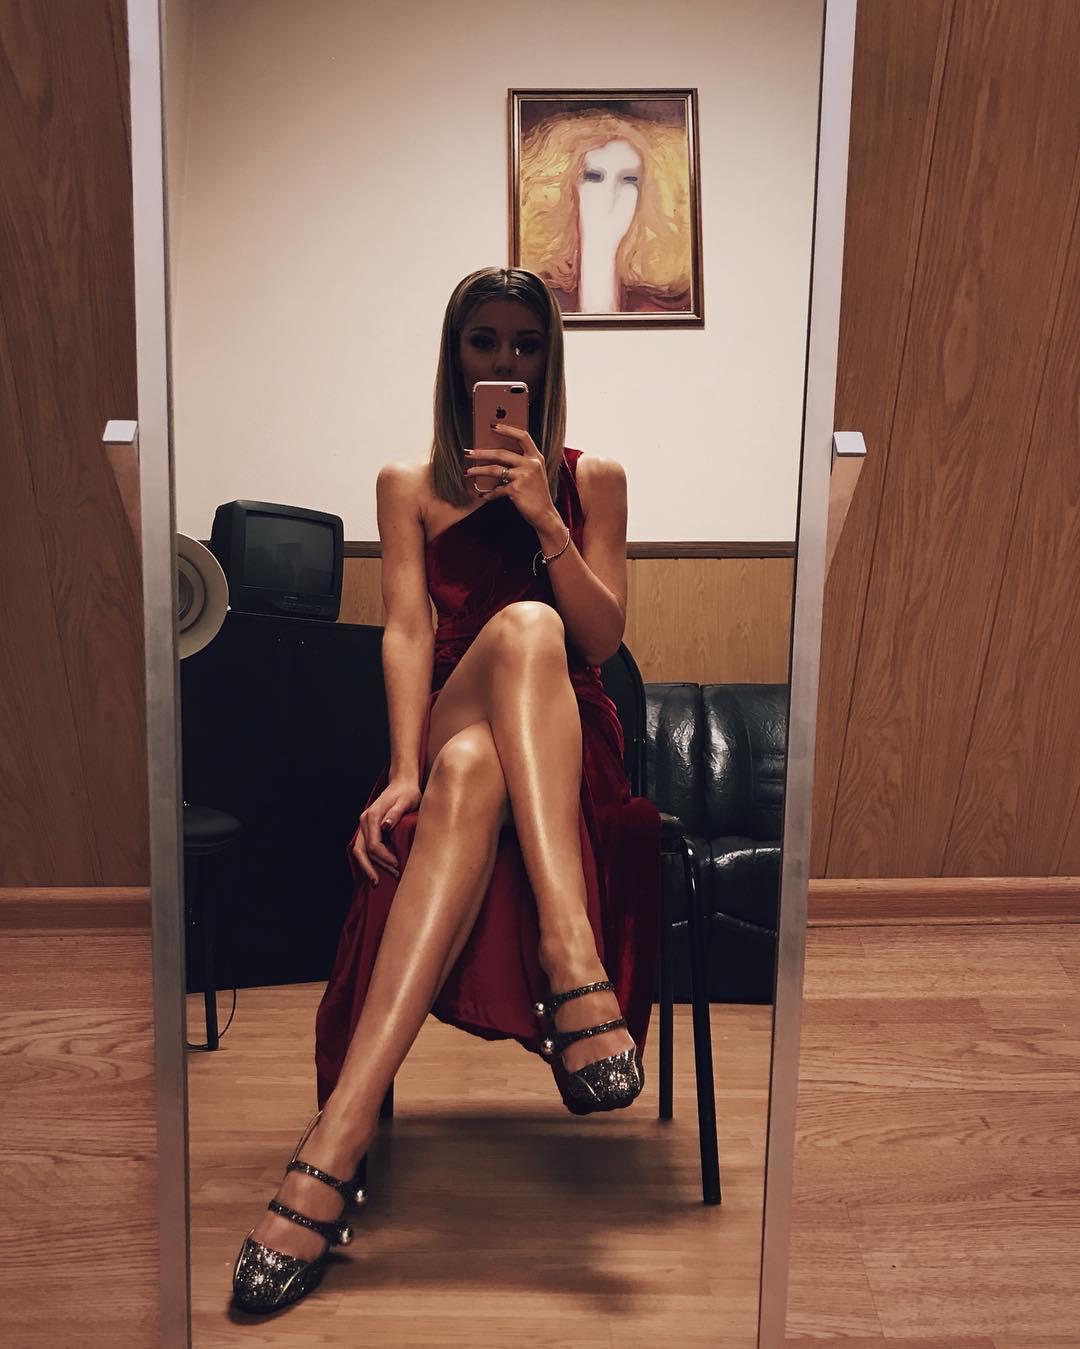 Юлианна Караулова: Завтра выходит клип на песню #ПростоТак. И я его очень жду. Сижу и жду (с)   Я знаю, что вы в свою очередь ждете милую новогоднюю историю, но мы сняли настоящий триллер  А фото с очередных новогодних съемок. Так прекрасно вышло, что Новый Год я пр...